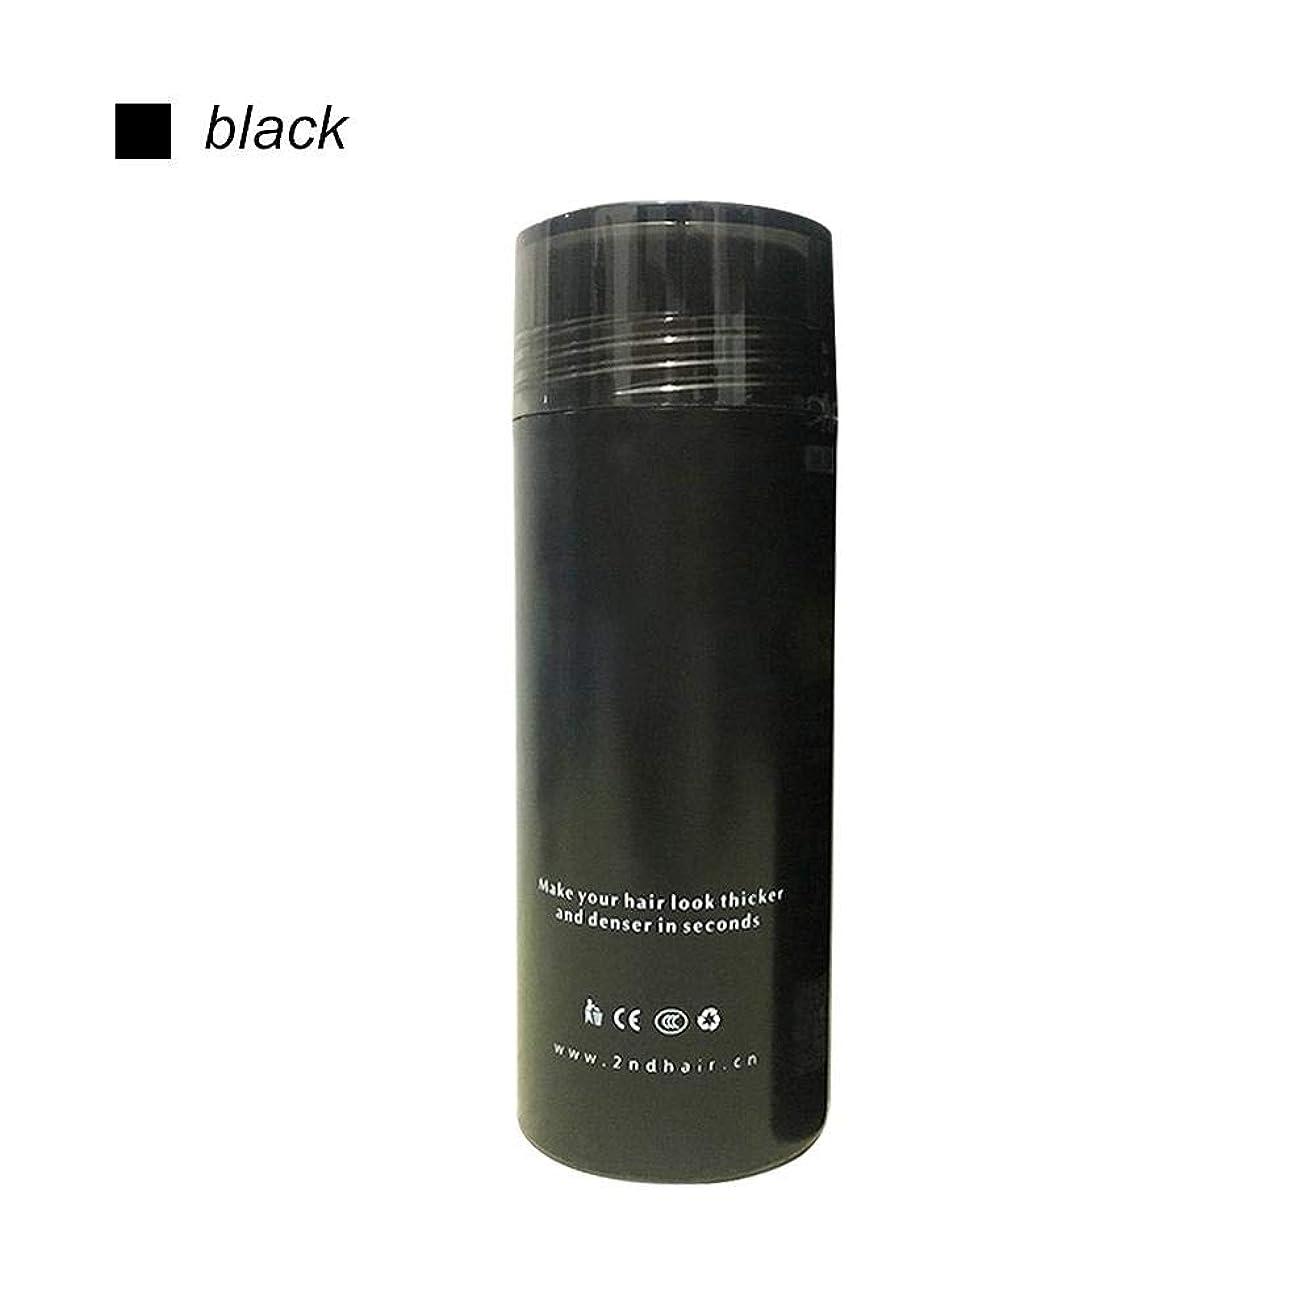 ホームレス機関ステープルSILUN パウダーレーベル 育毛液 高密度繊維成長ソリューション 天然ハーブ 化学成分なし ナノ切削技術 使いやすい